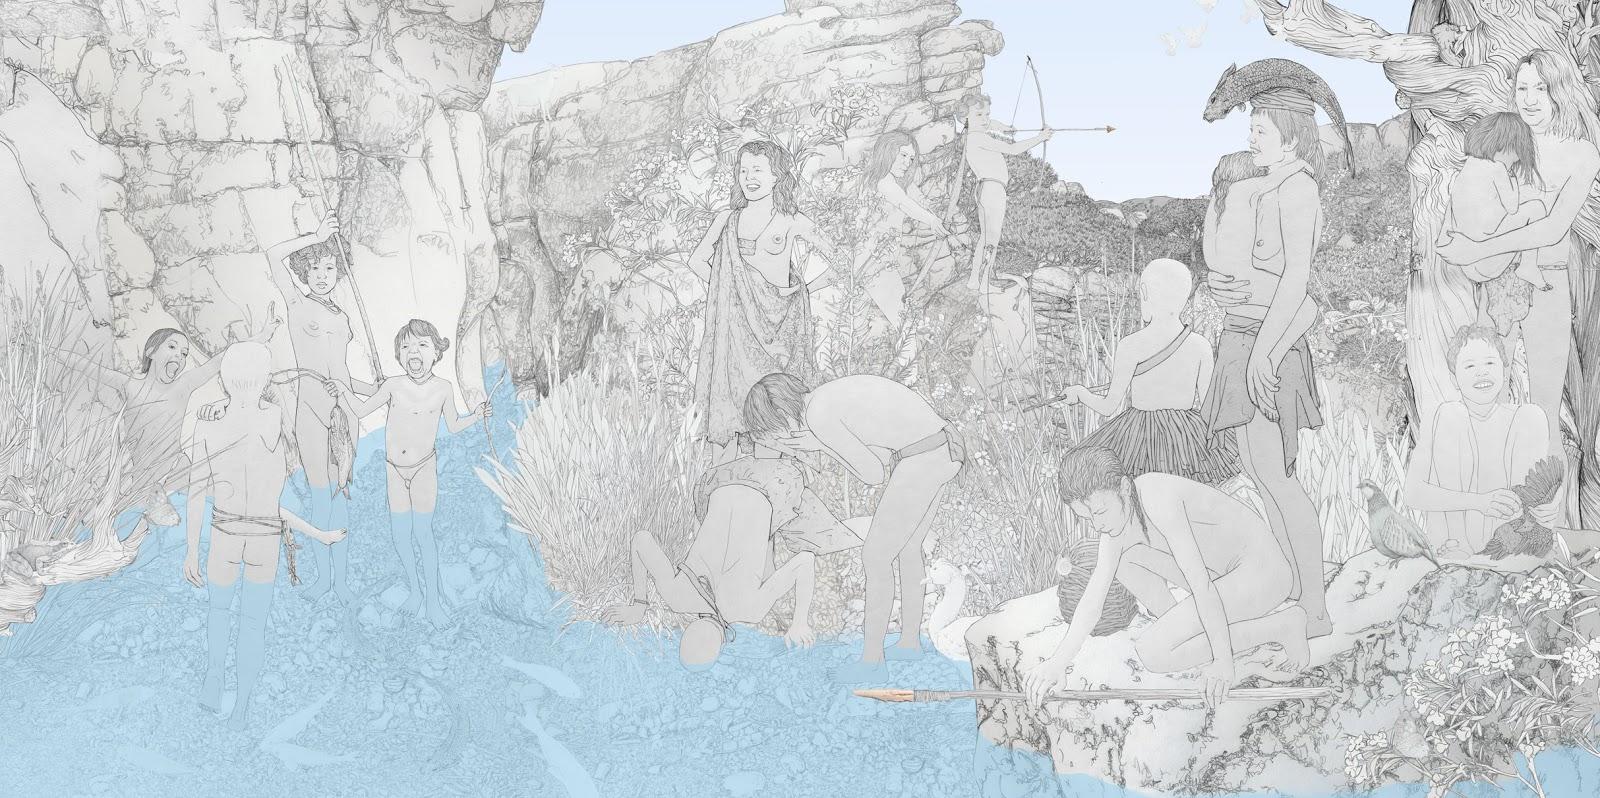 caza y pesca menor, mujeres prehistoria, dibujo